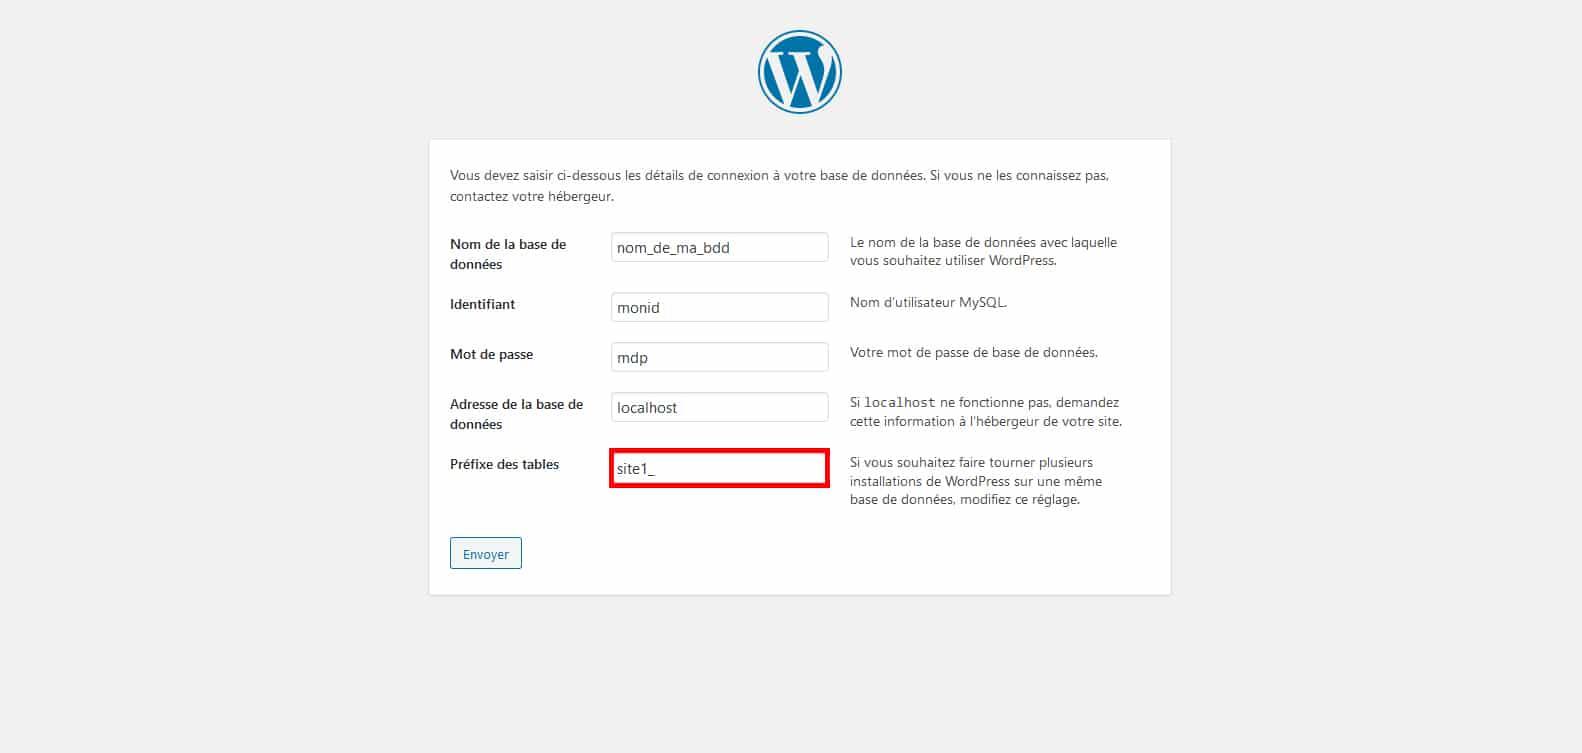 Bien choisir le préfixe des tables de base de données sur WordPress